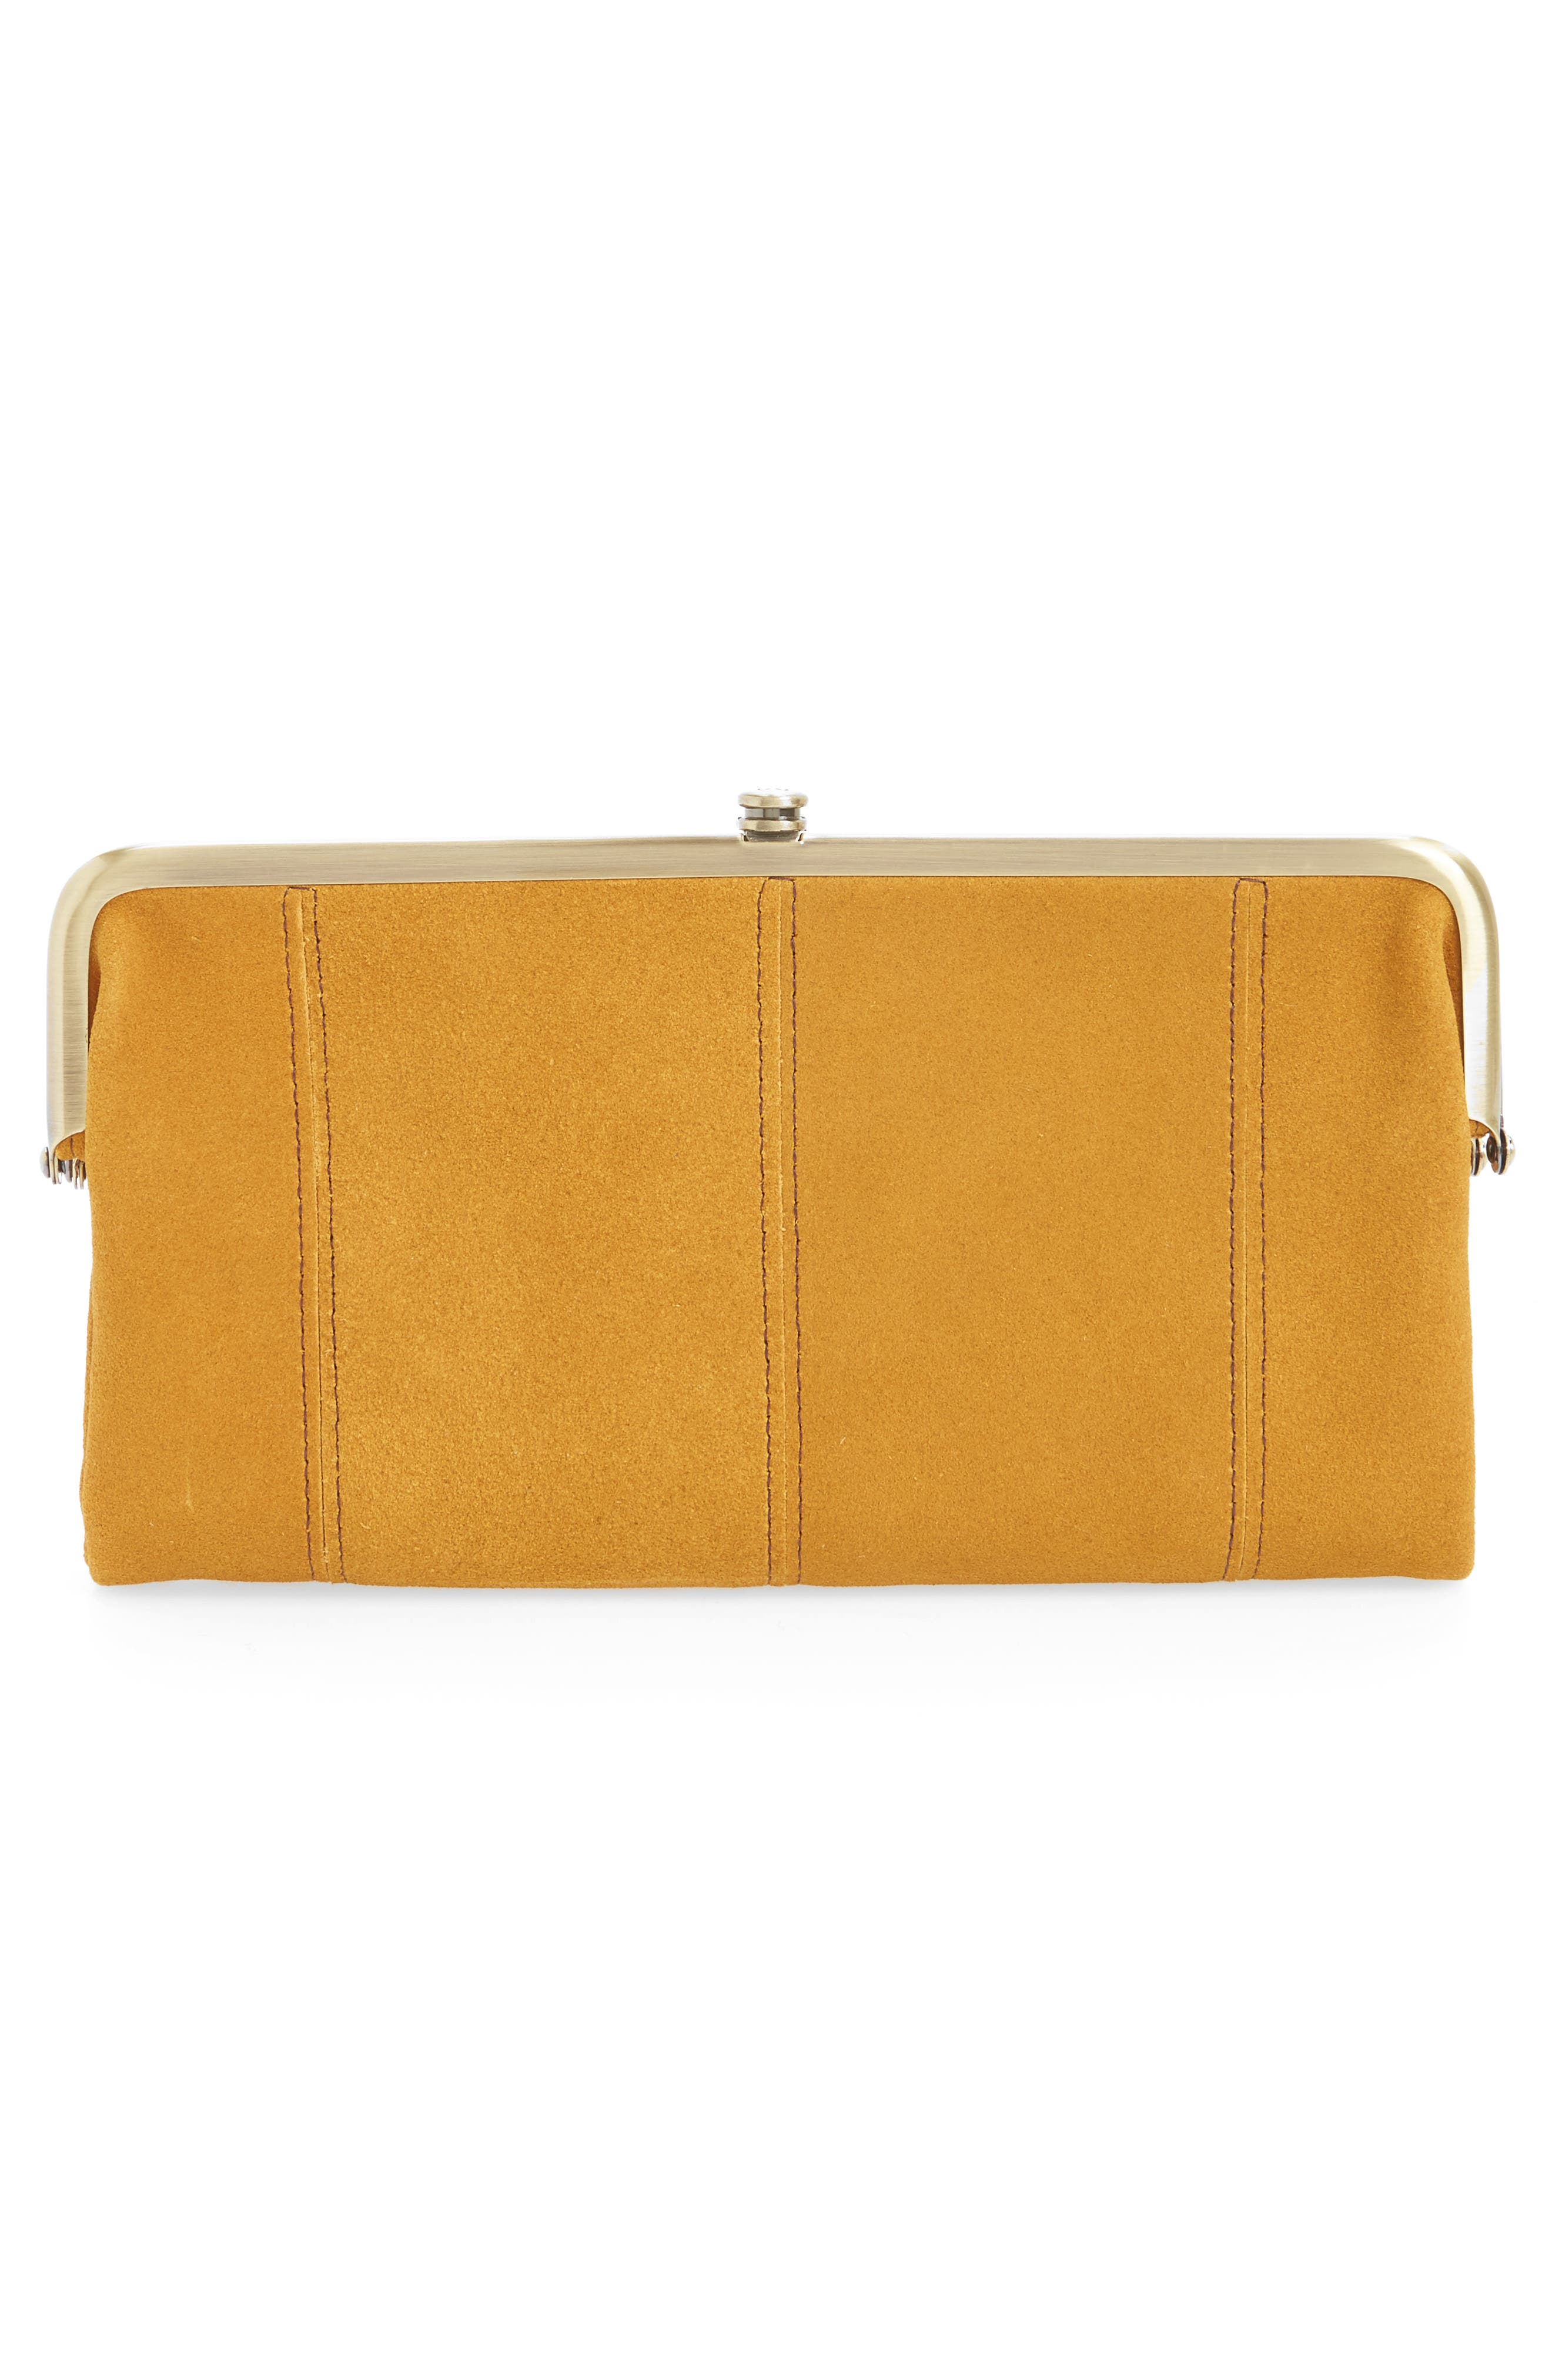 Alternate Image 3  - Hobo Lauren Colorblock Calfskin Leather Wallet